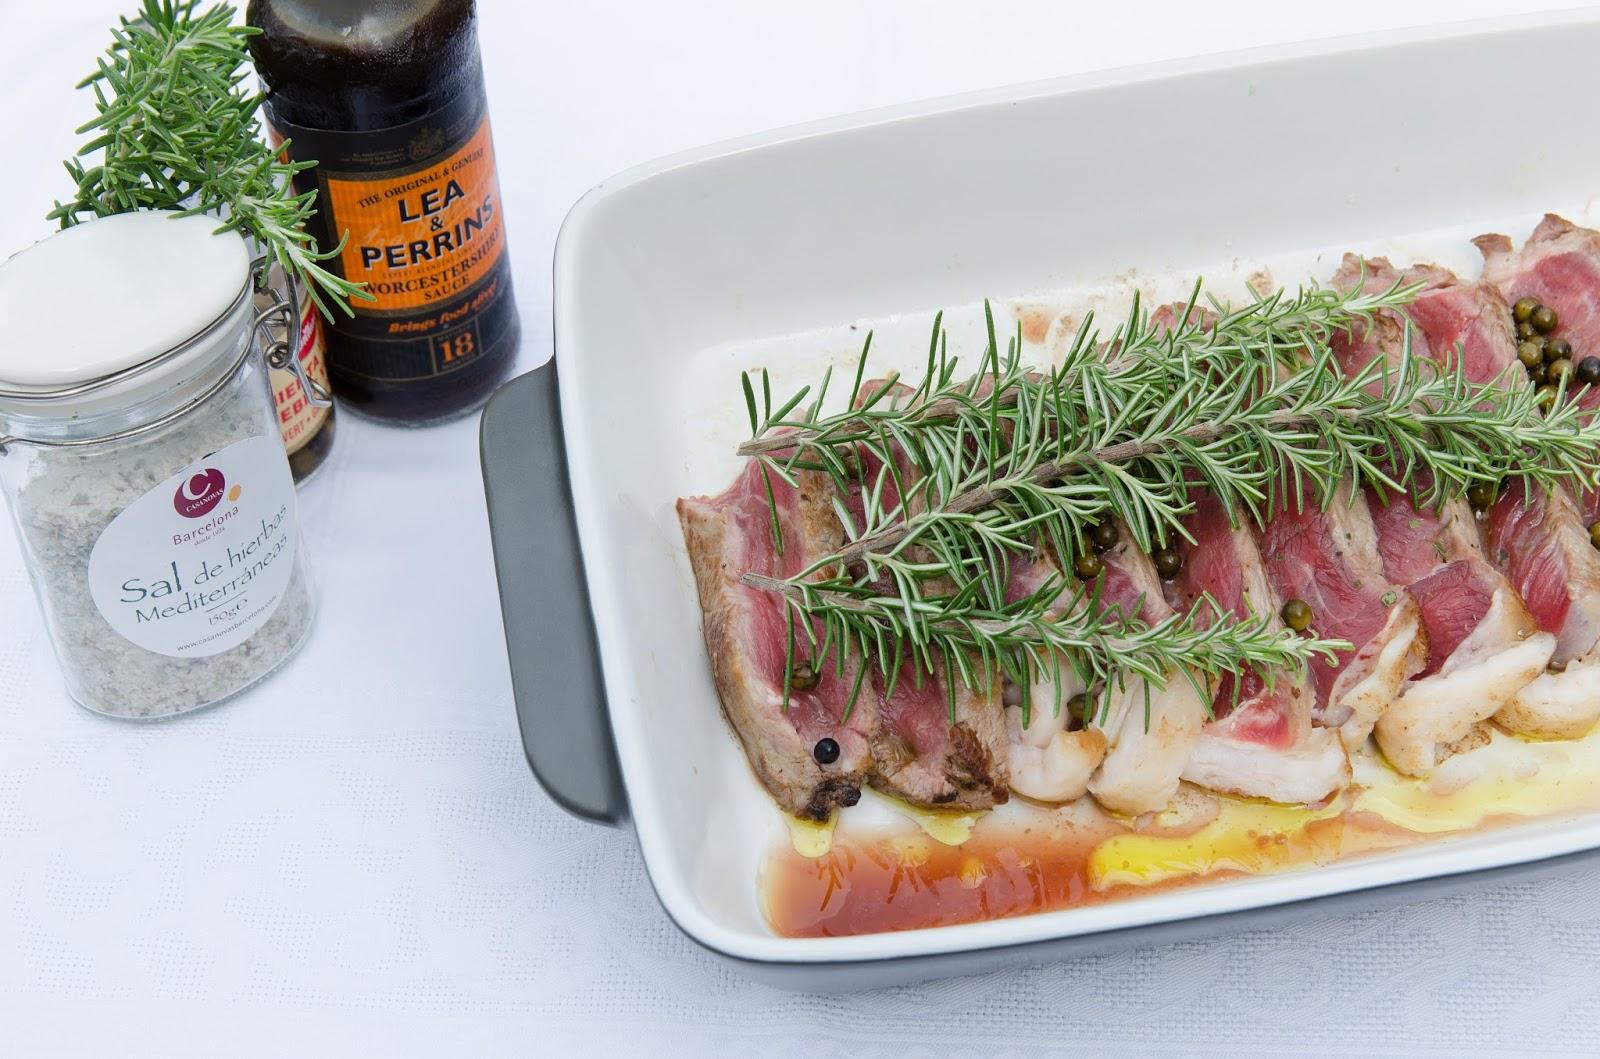 entrecote-entrecot-grill-romero-carne-buey-receta-cocina-recetas-saludable-sana-ligera-adelgazar-bruja